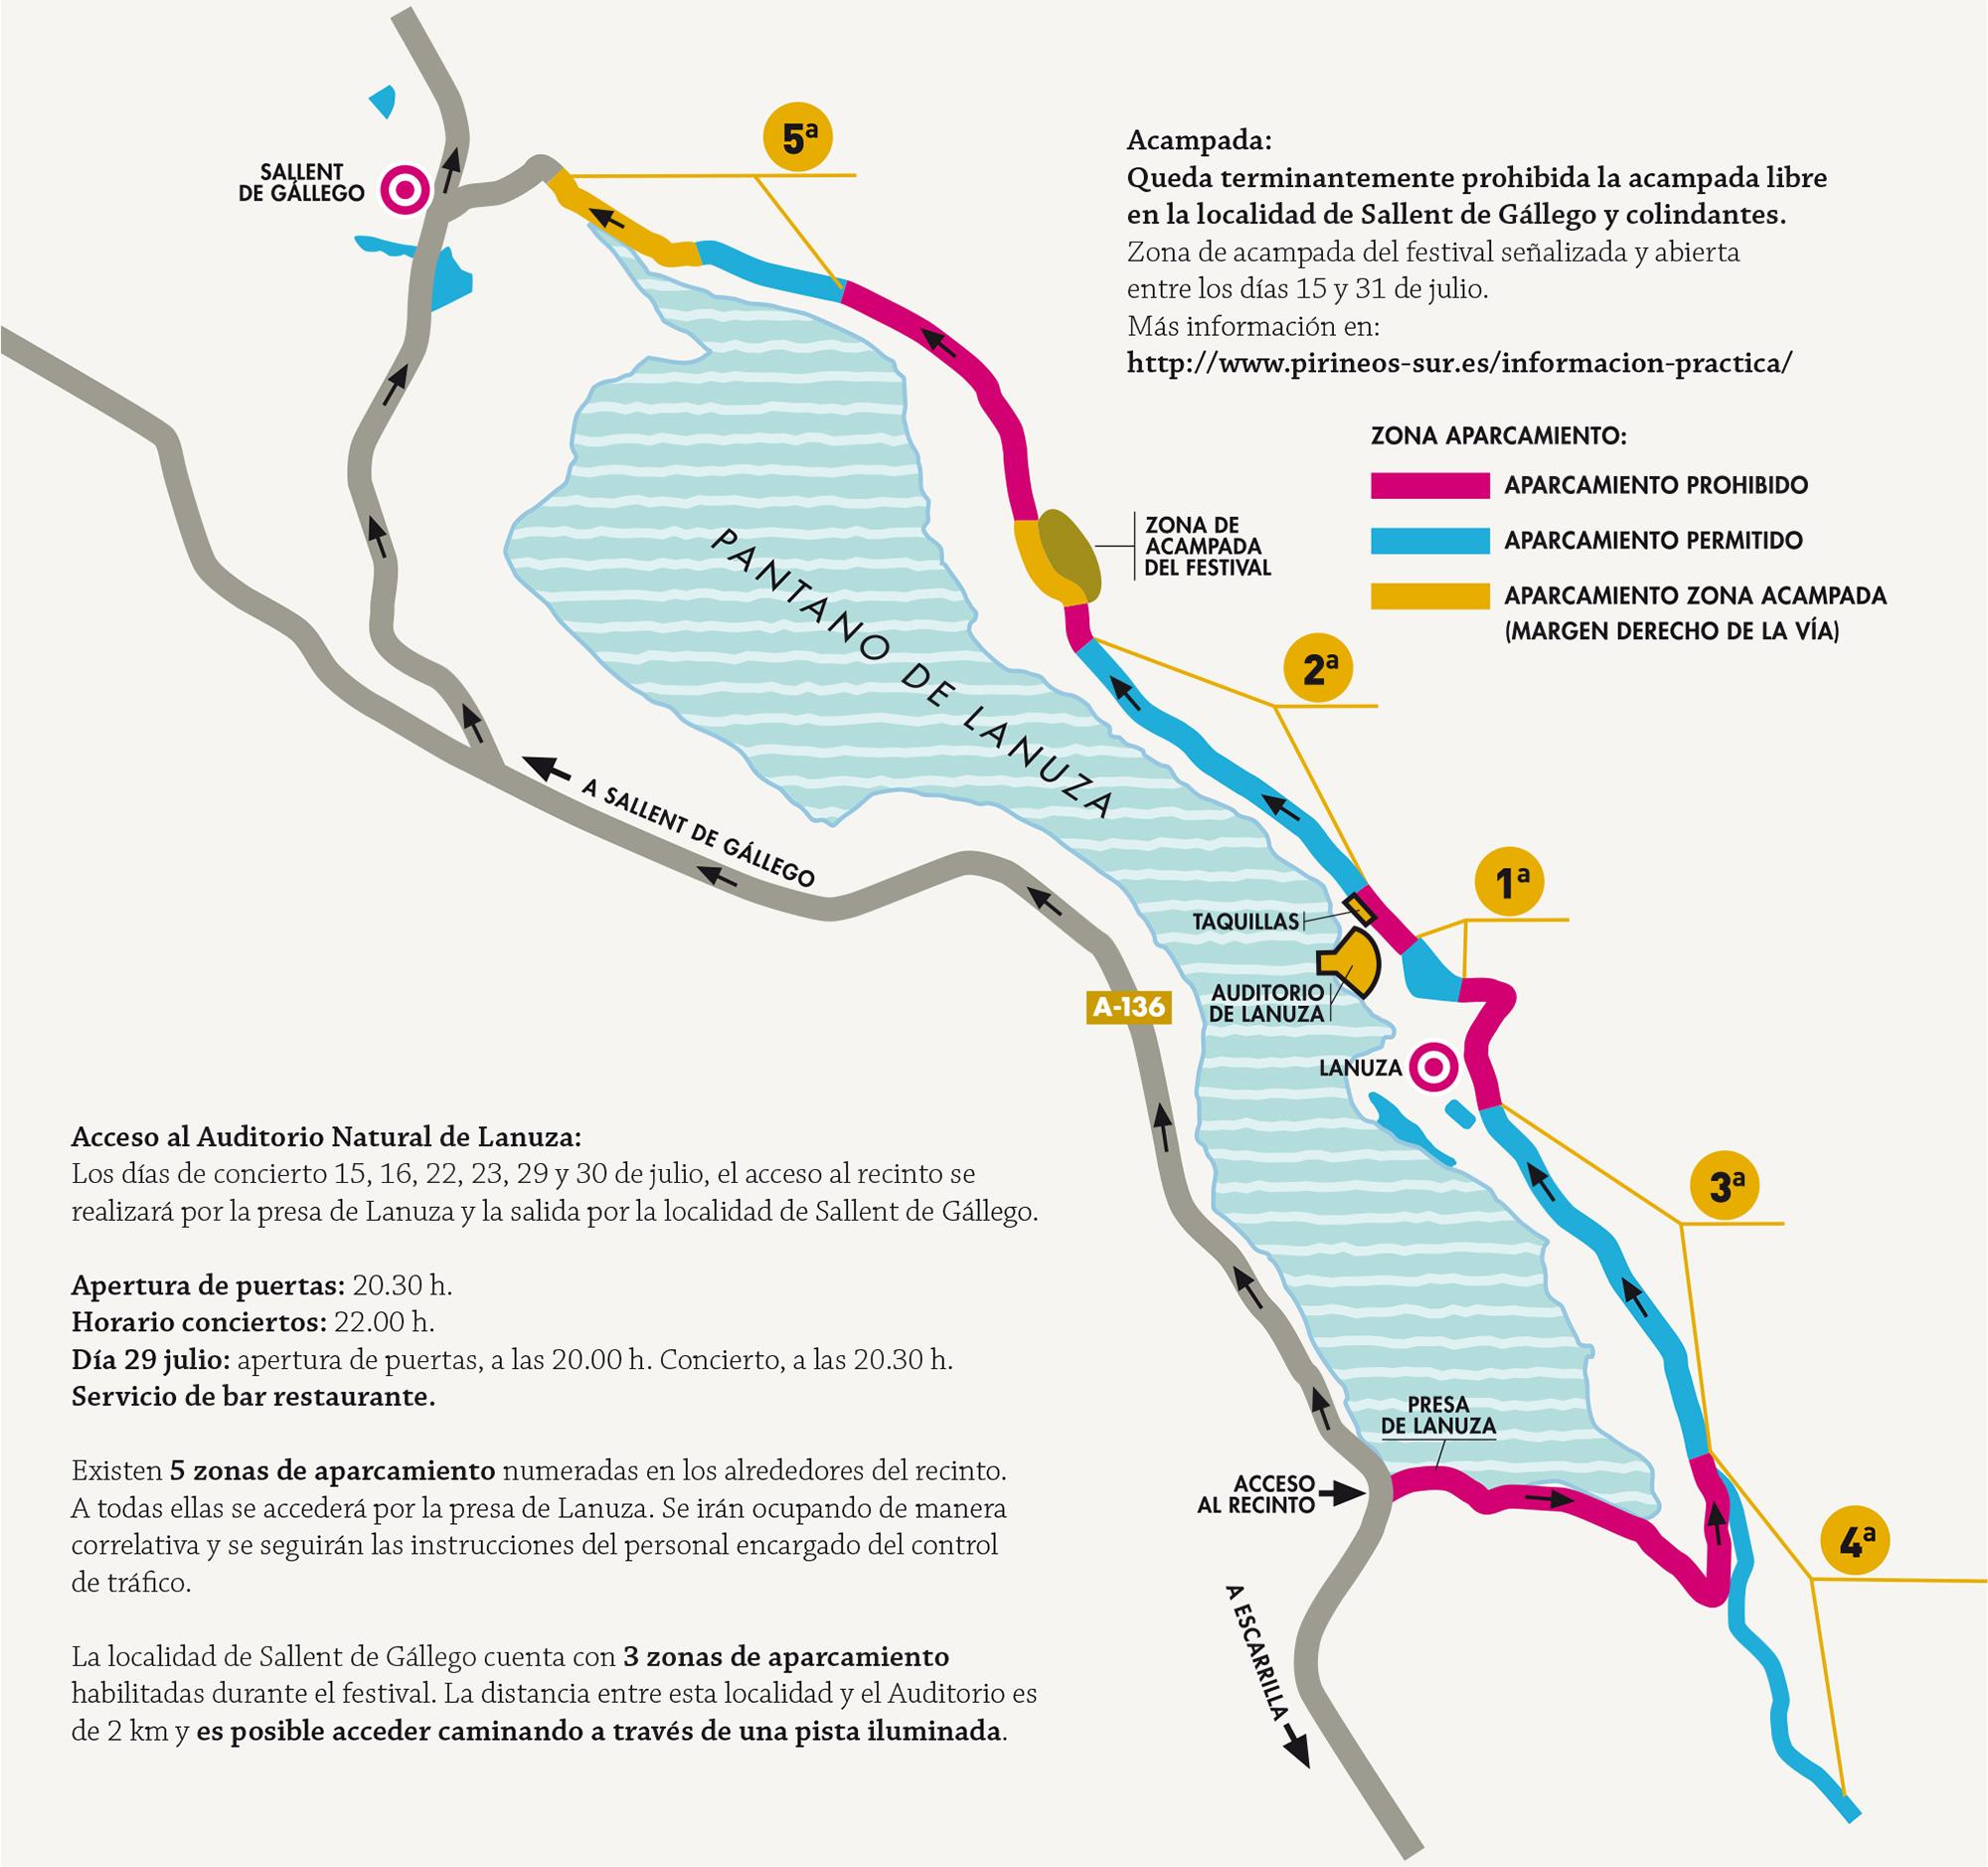 Mapa zona acampada y aparcamiento Pirineos Sur 2016